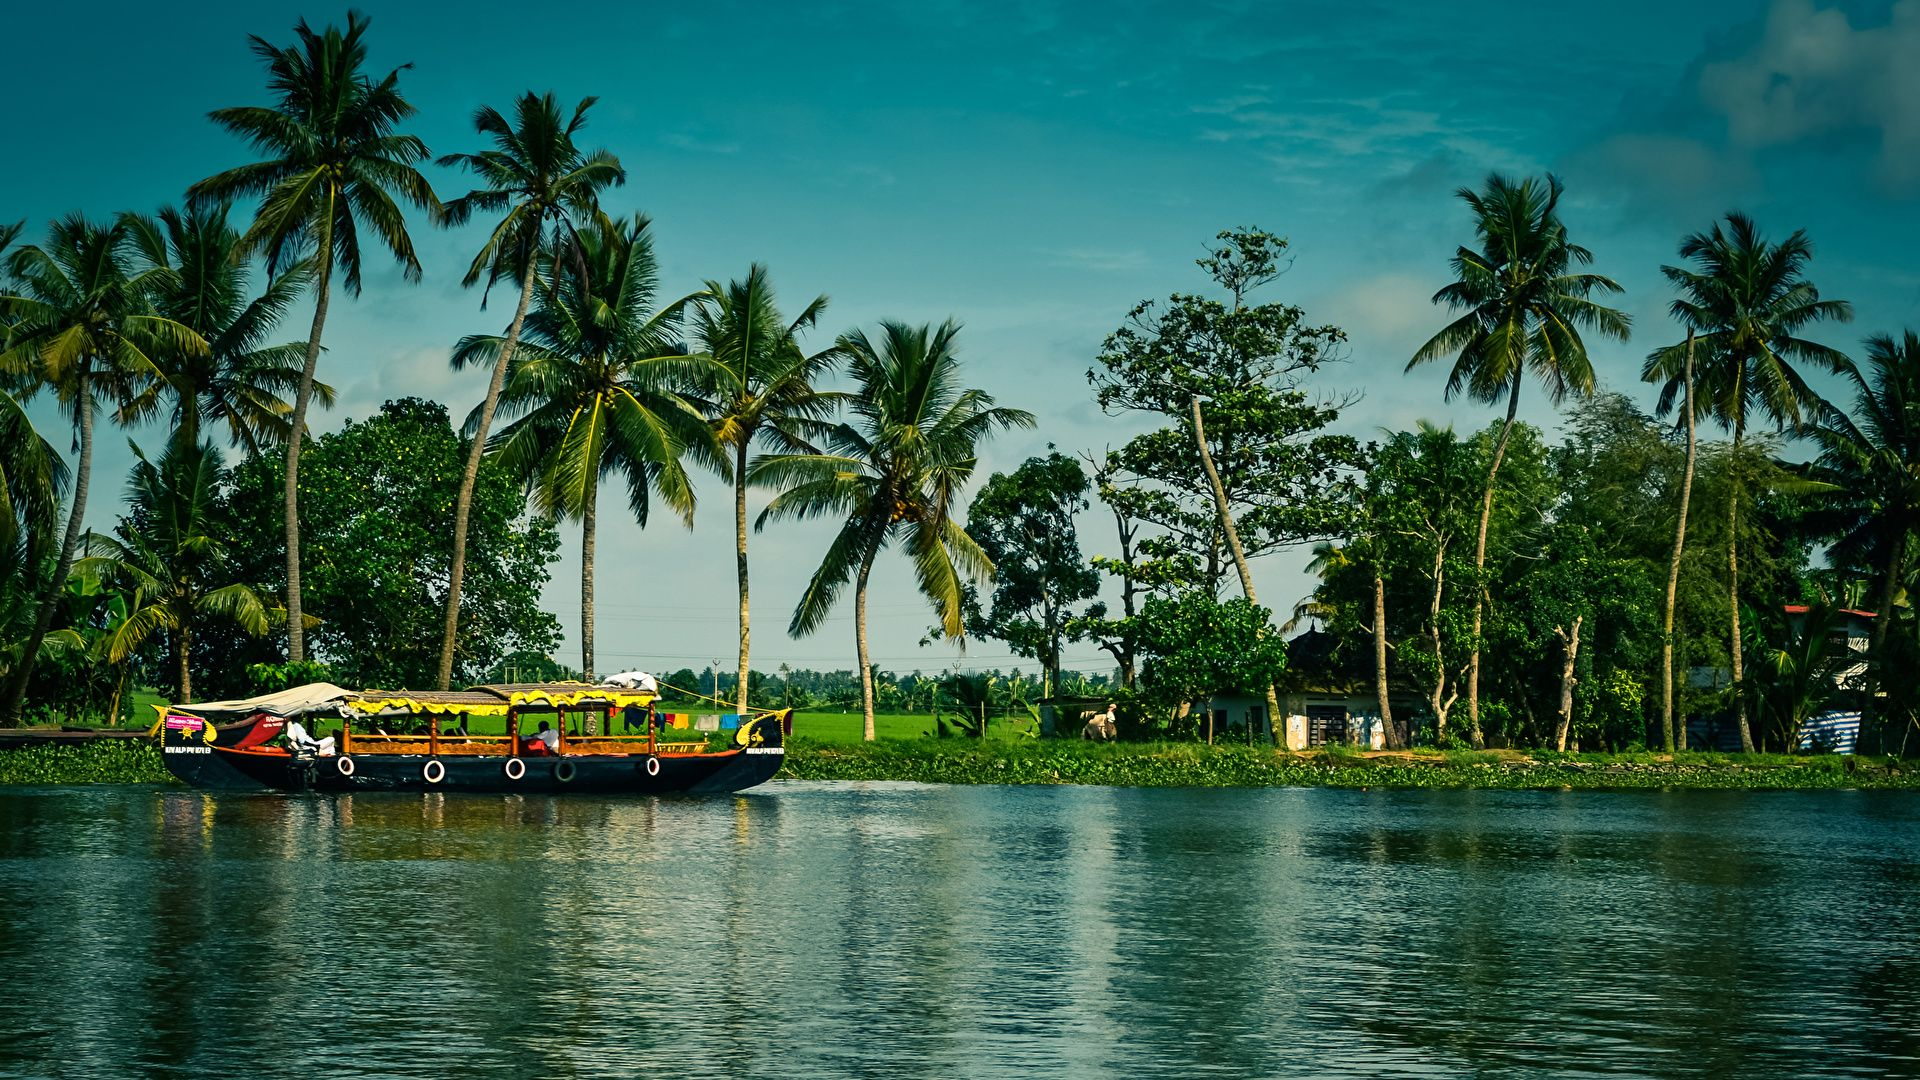 Hd Wallpapers For Desktop Kerala